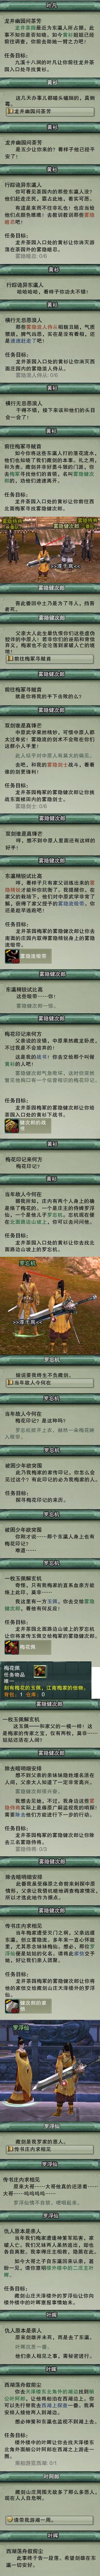 主线任务07 - 龙井茶园.jpg